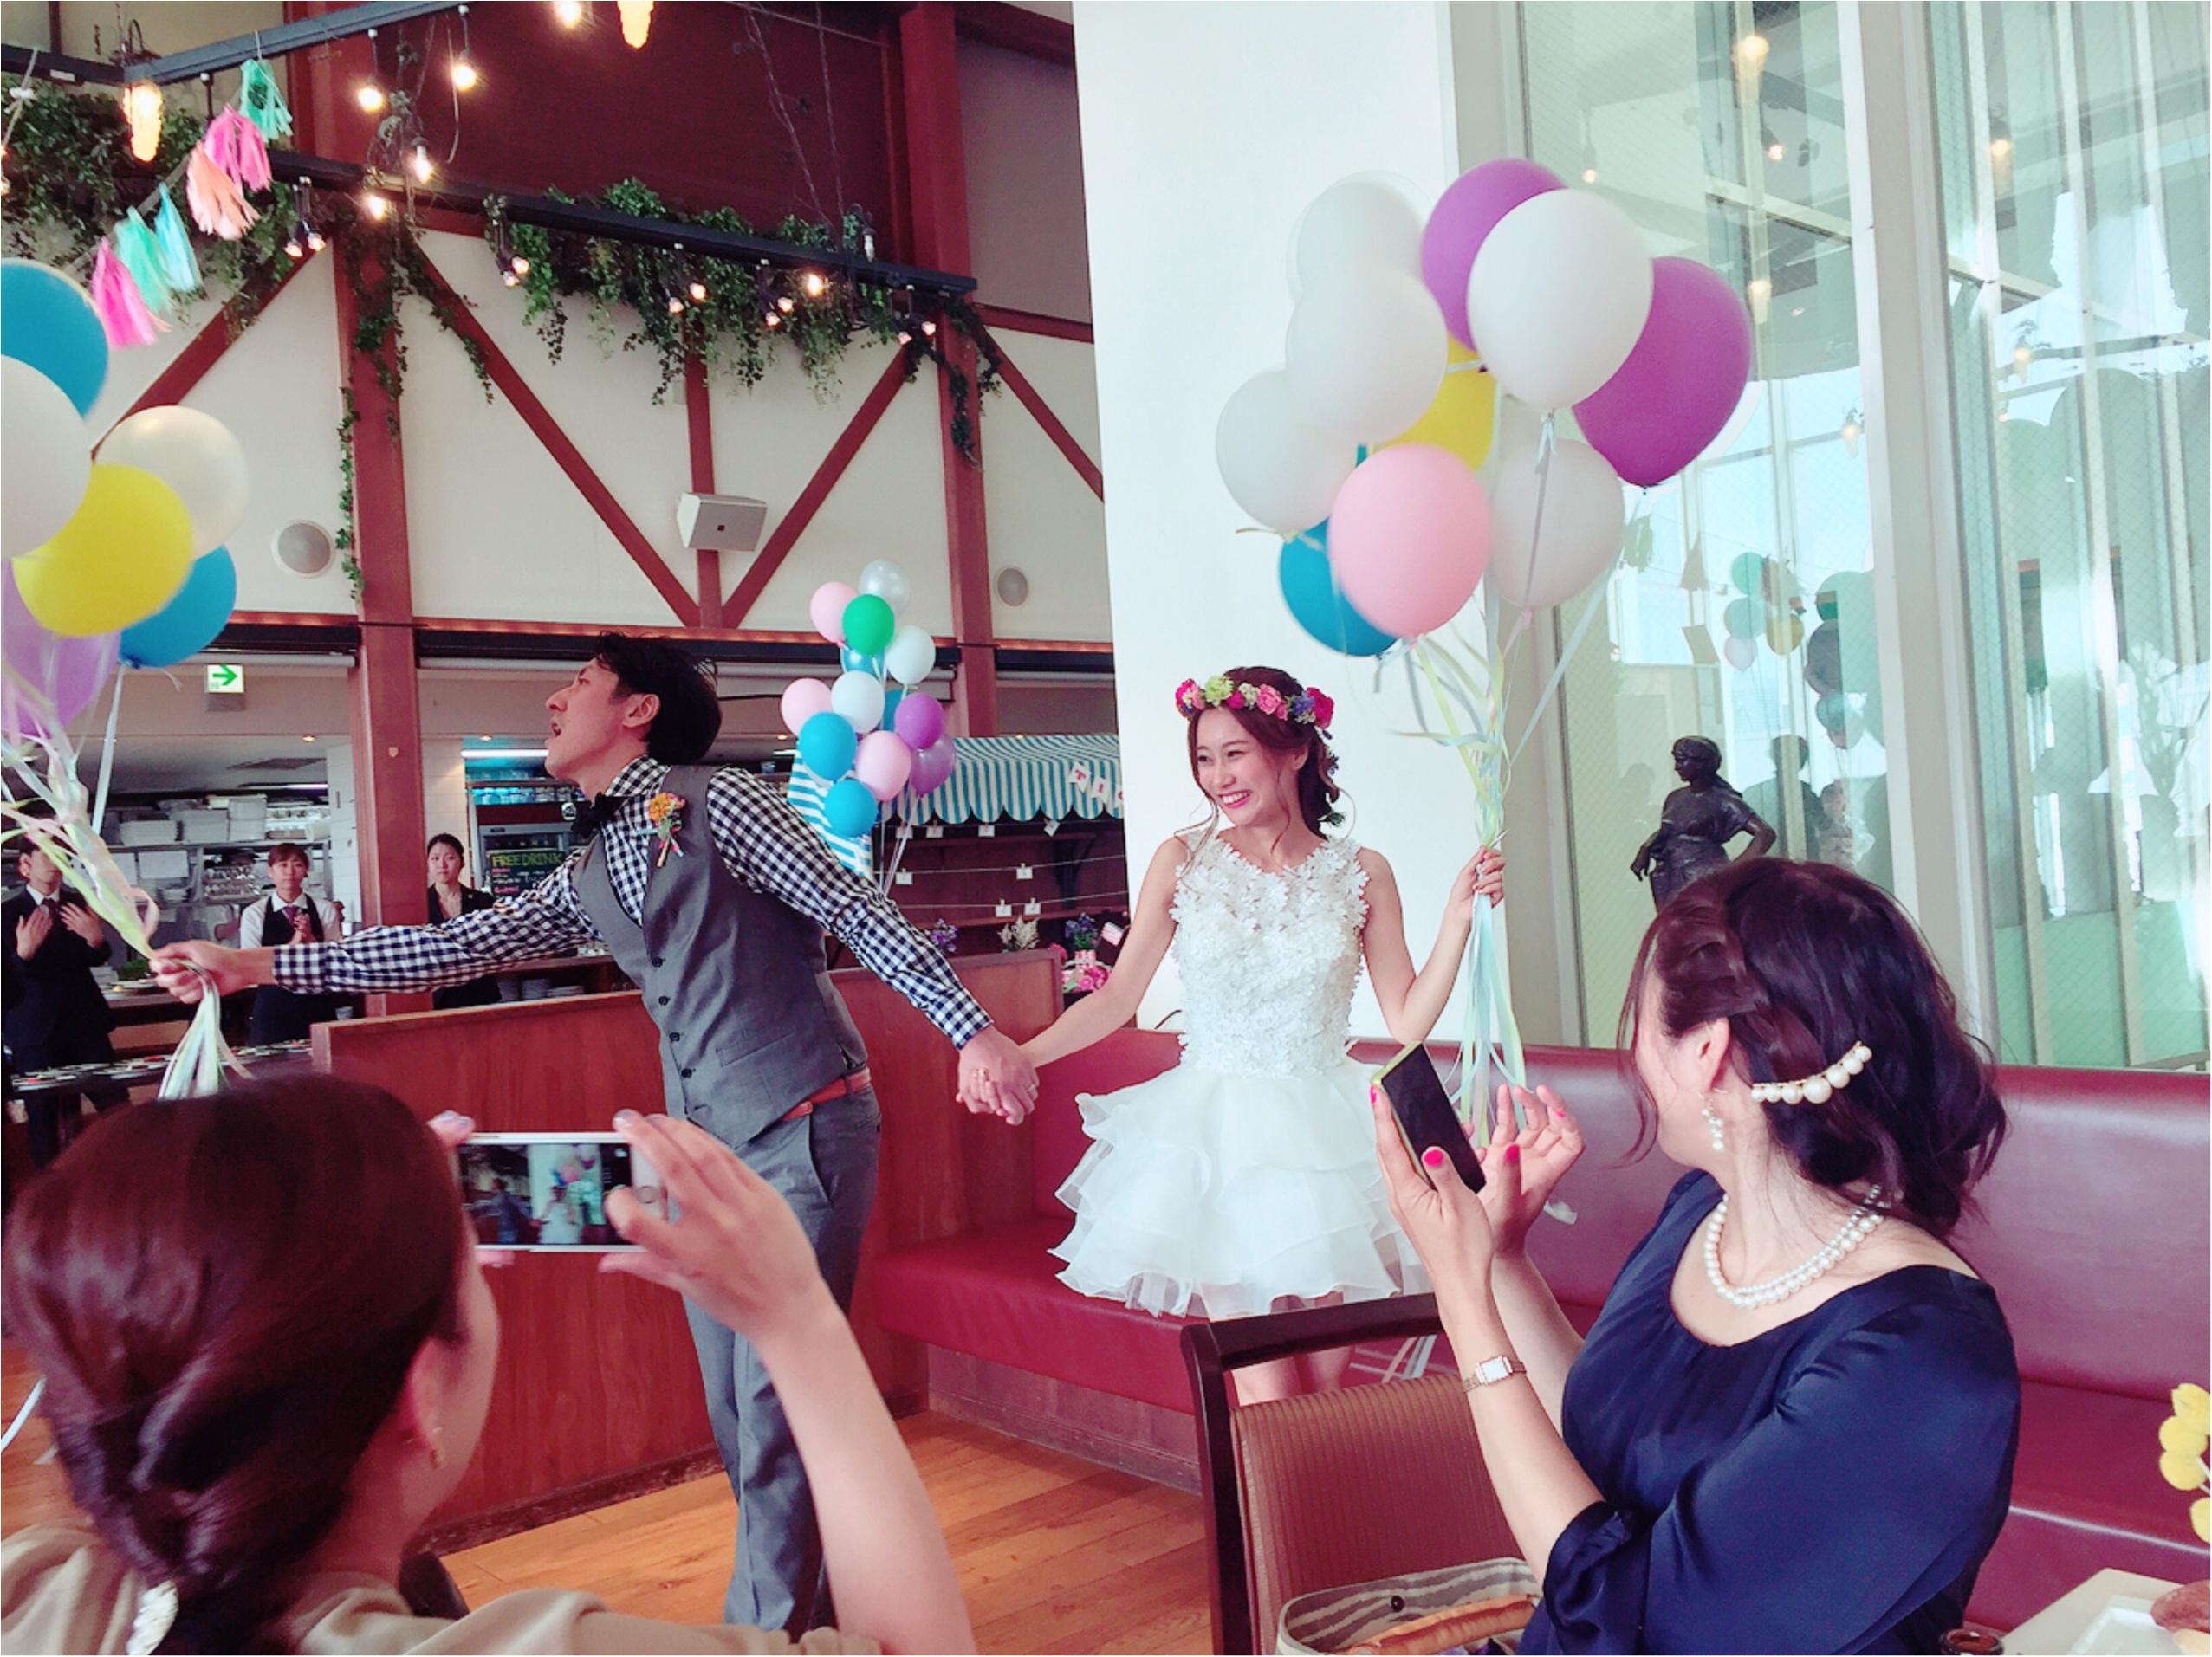 """【Wedding】え、ここはアメリカですか?可愛いの嵐♡!憧れ×理想の""""海外風 ウエディング""""がインスタ映え最高って話。_17"""